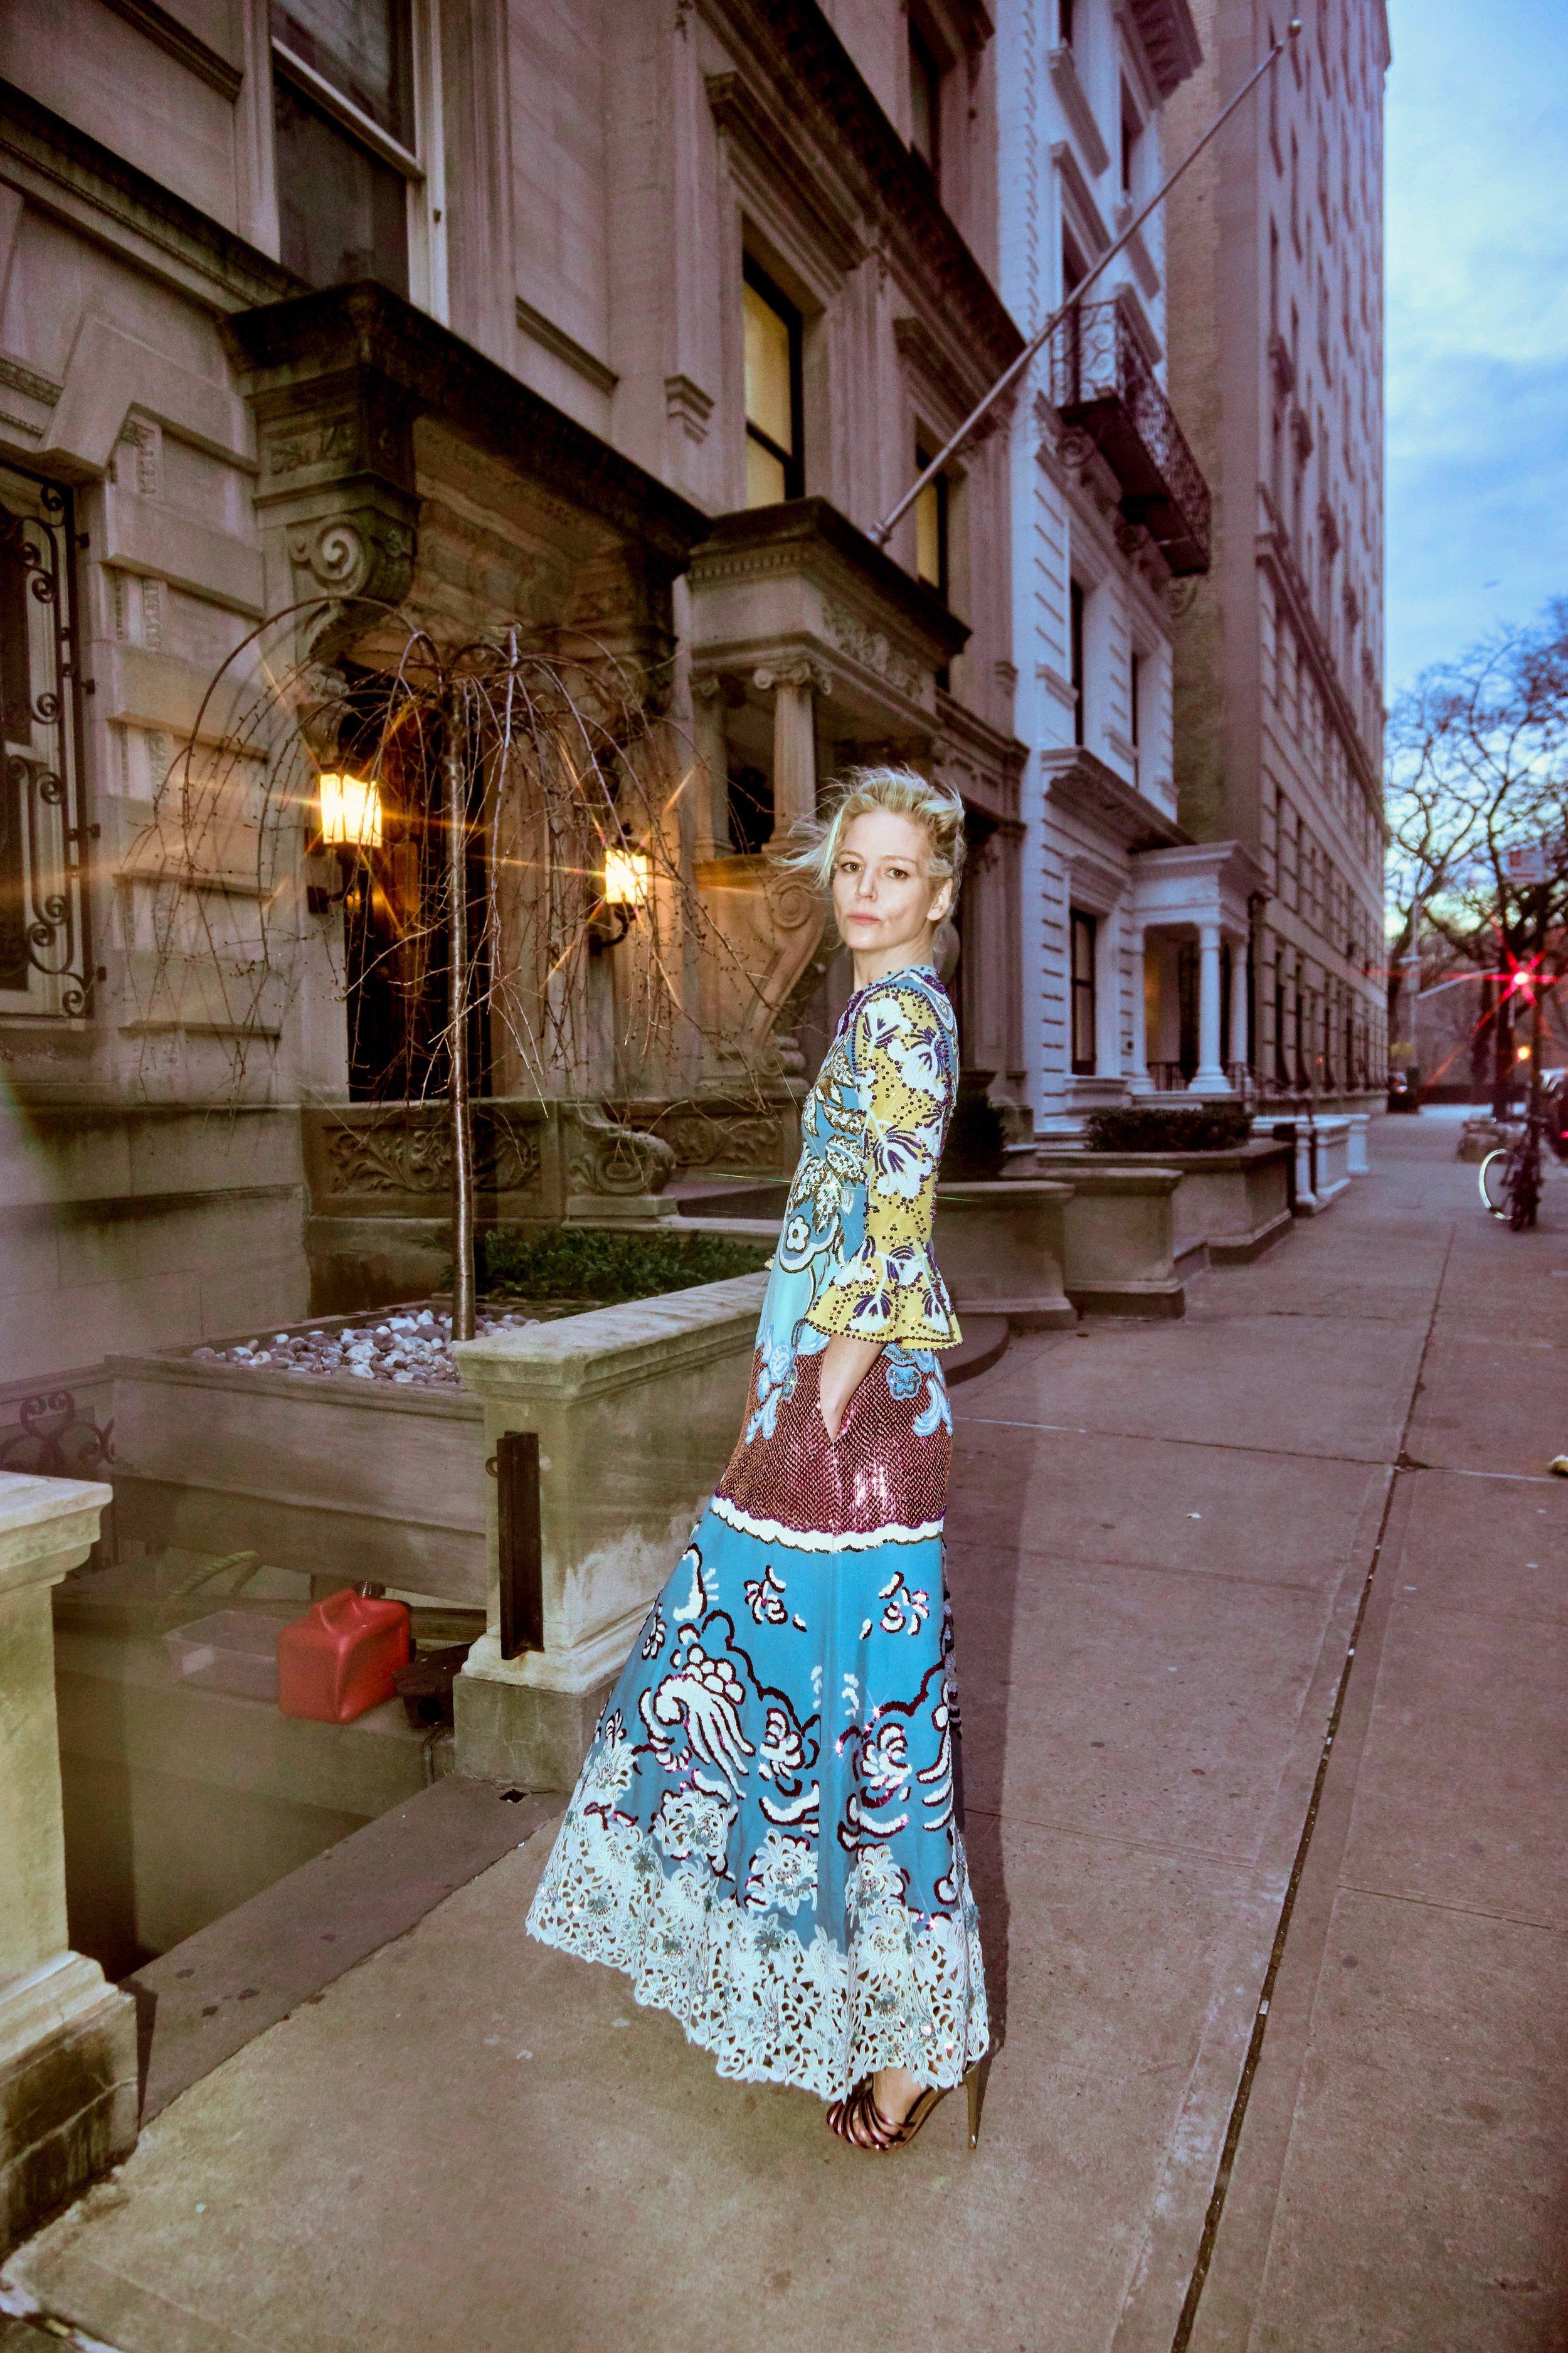 Julia von Boehm wearing Valentino at The Mark Hotel. Image by Savanna Ruedy